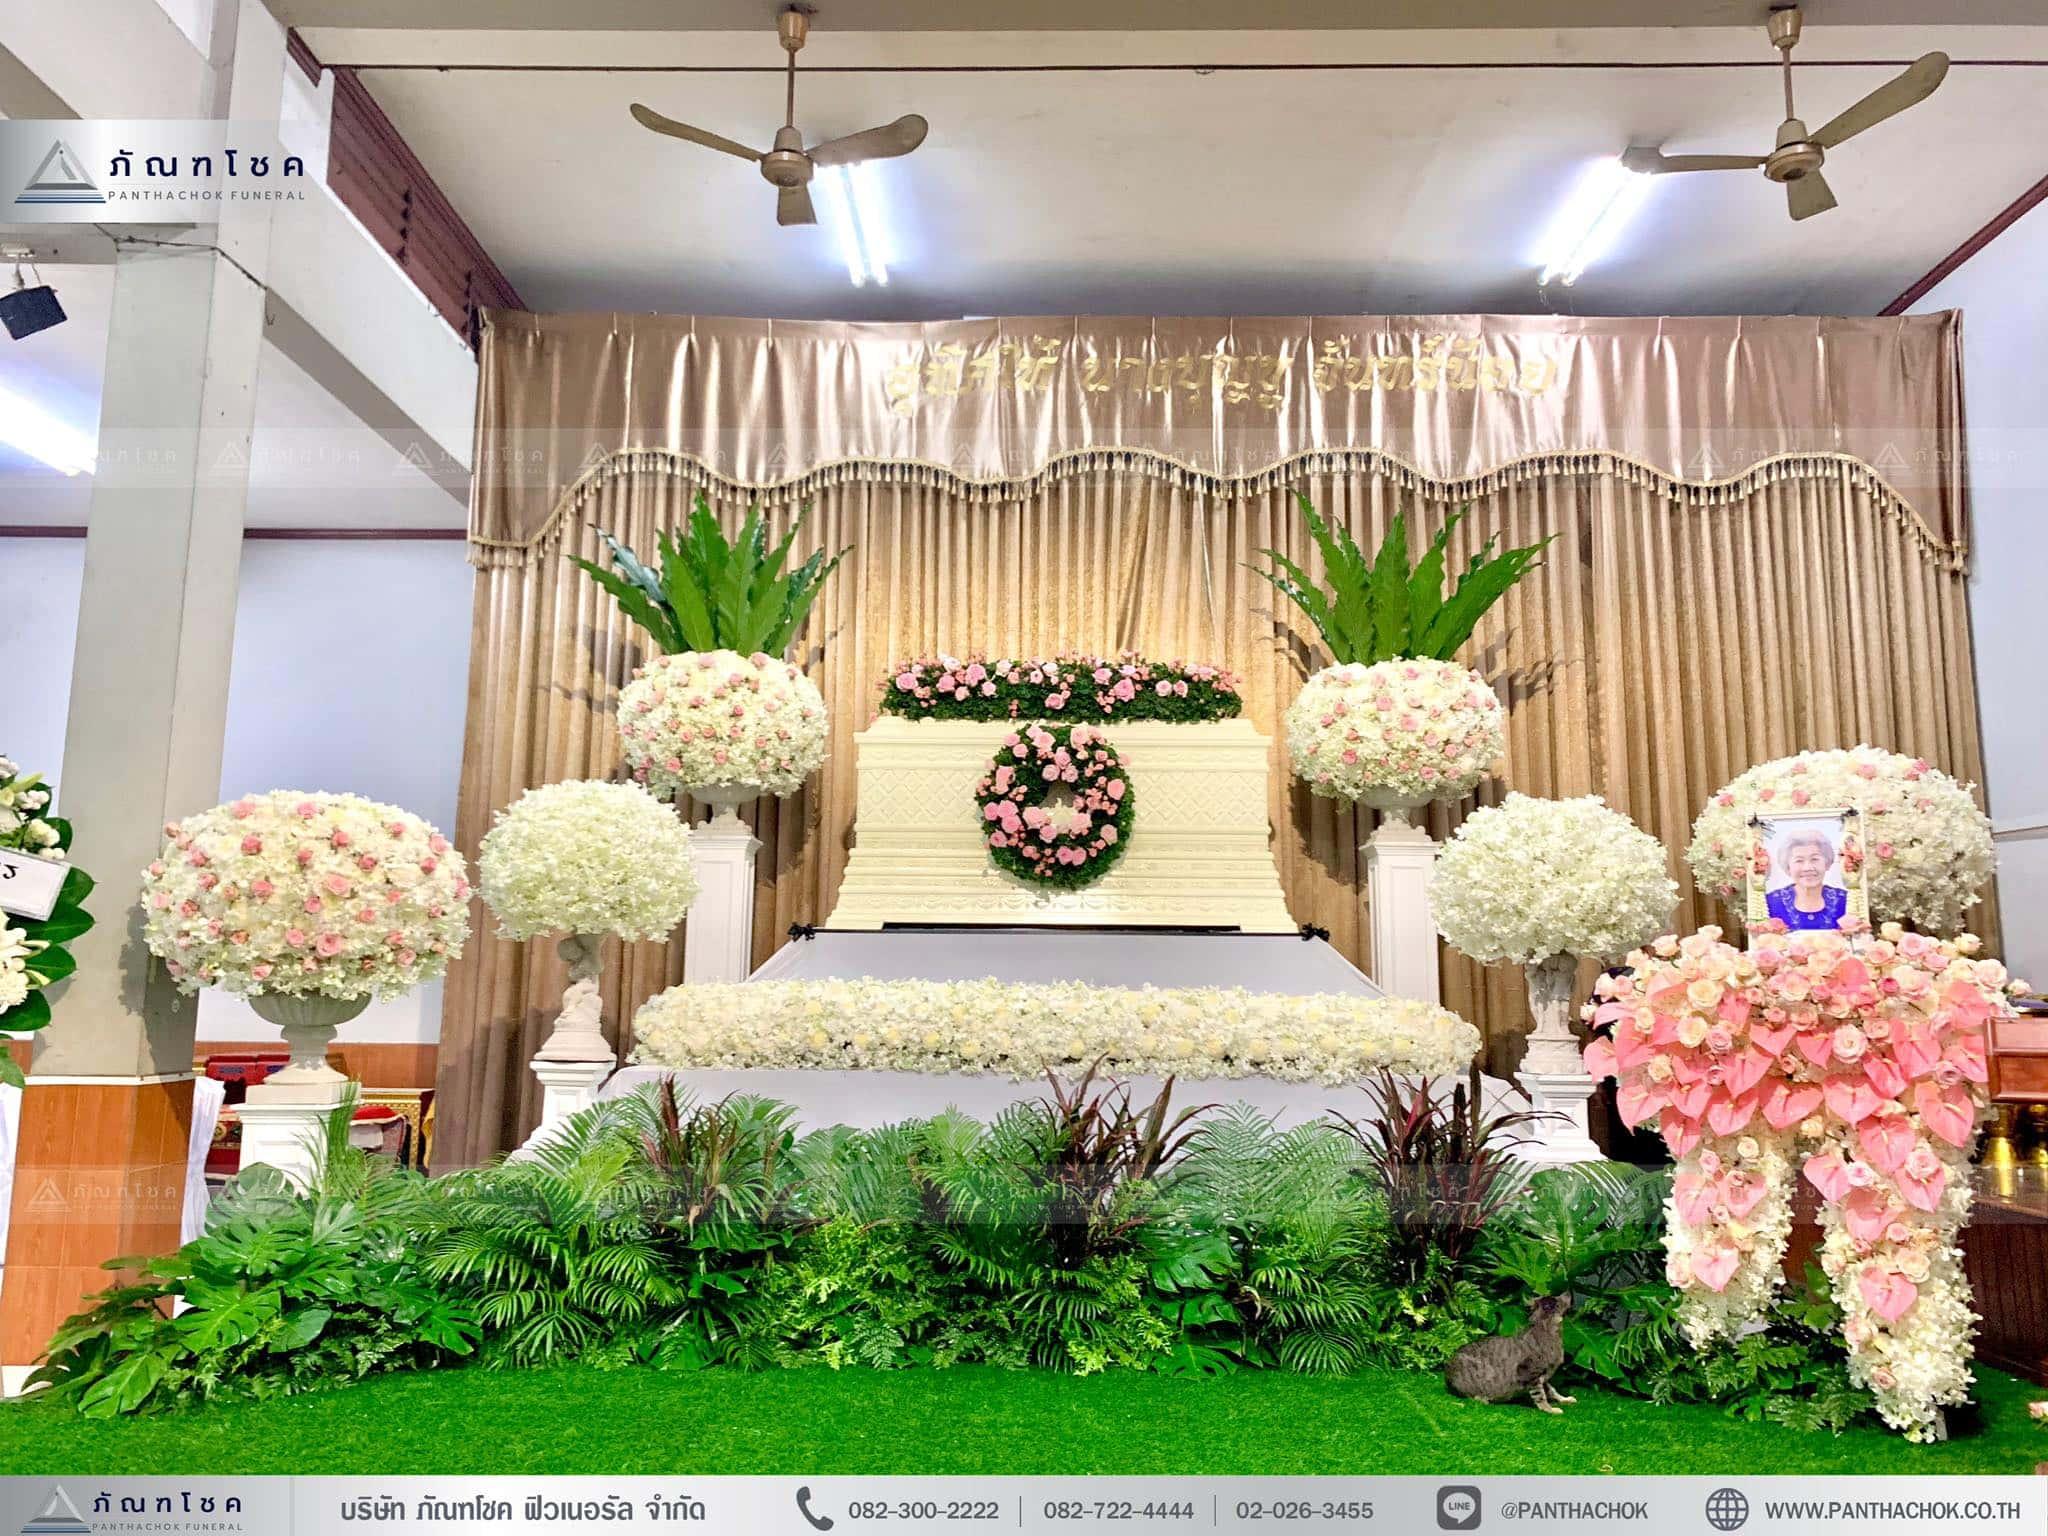 ดอกไม้หน้าศพสีชมพู ดอกไม้หน้าศพชุดพุ่ม